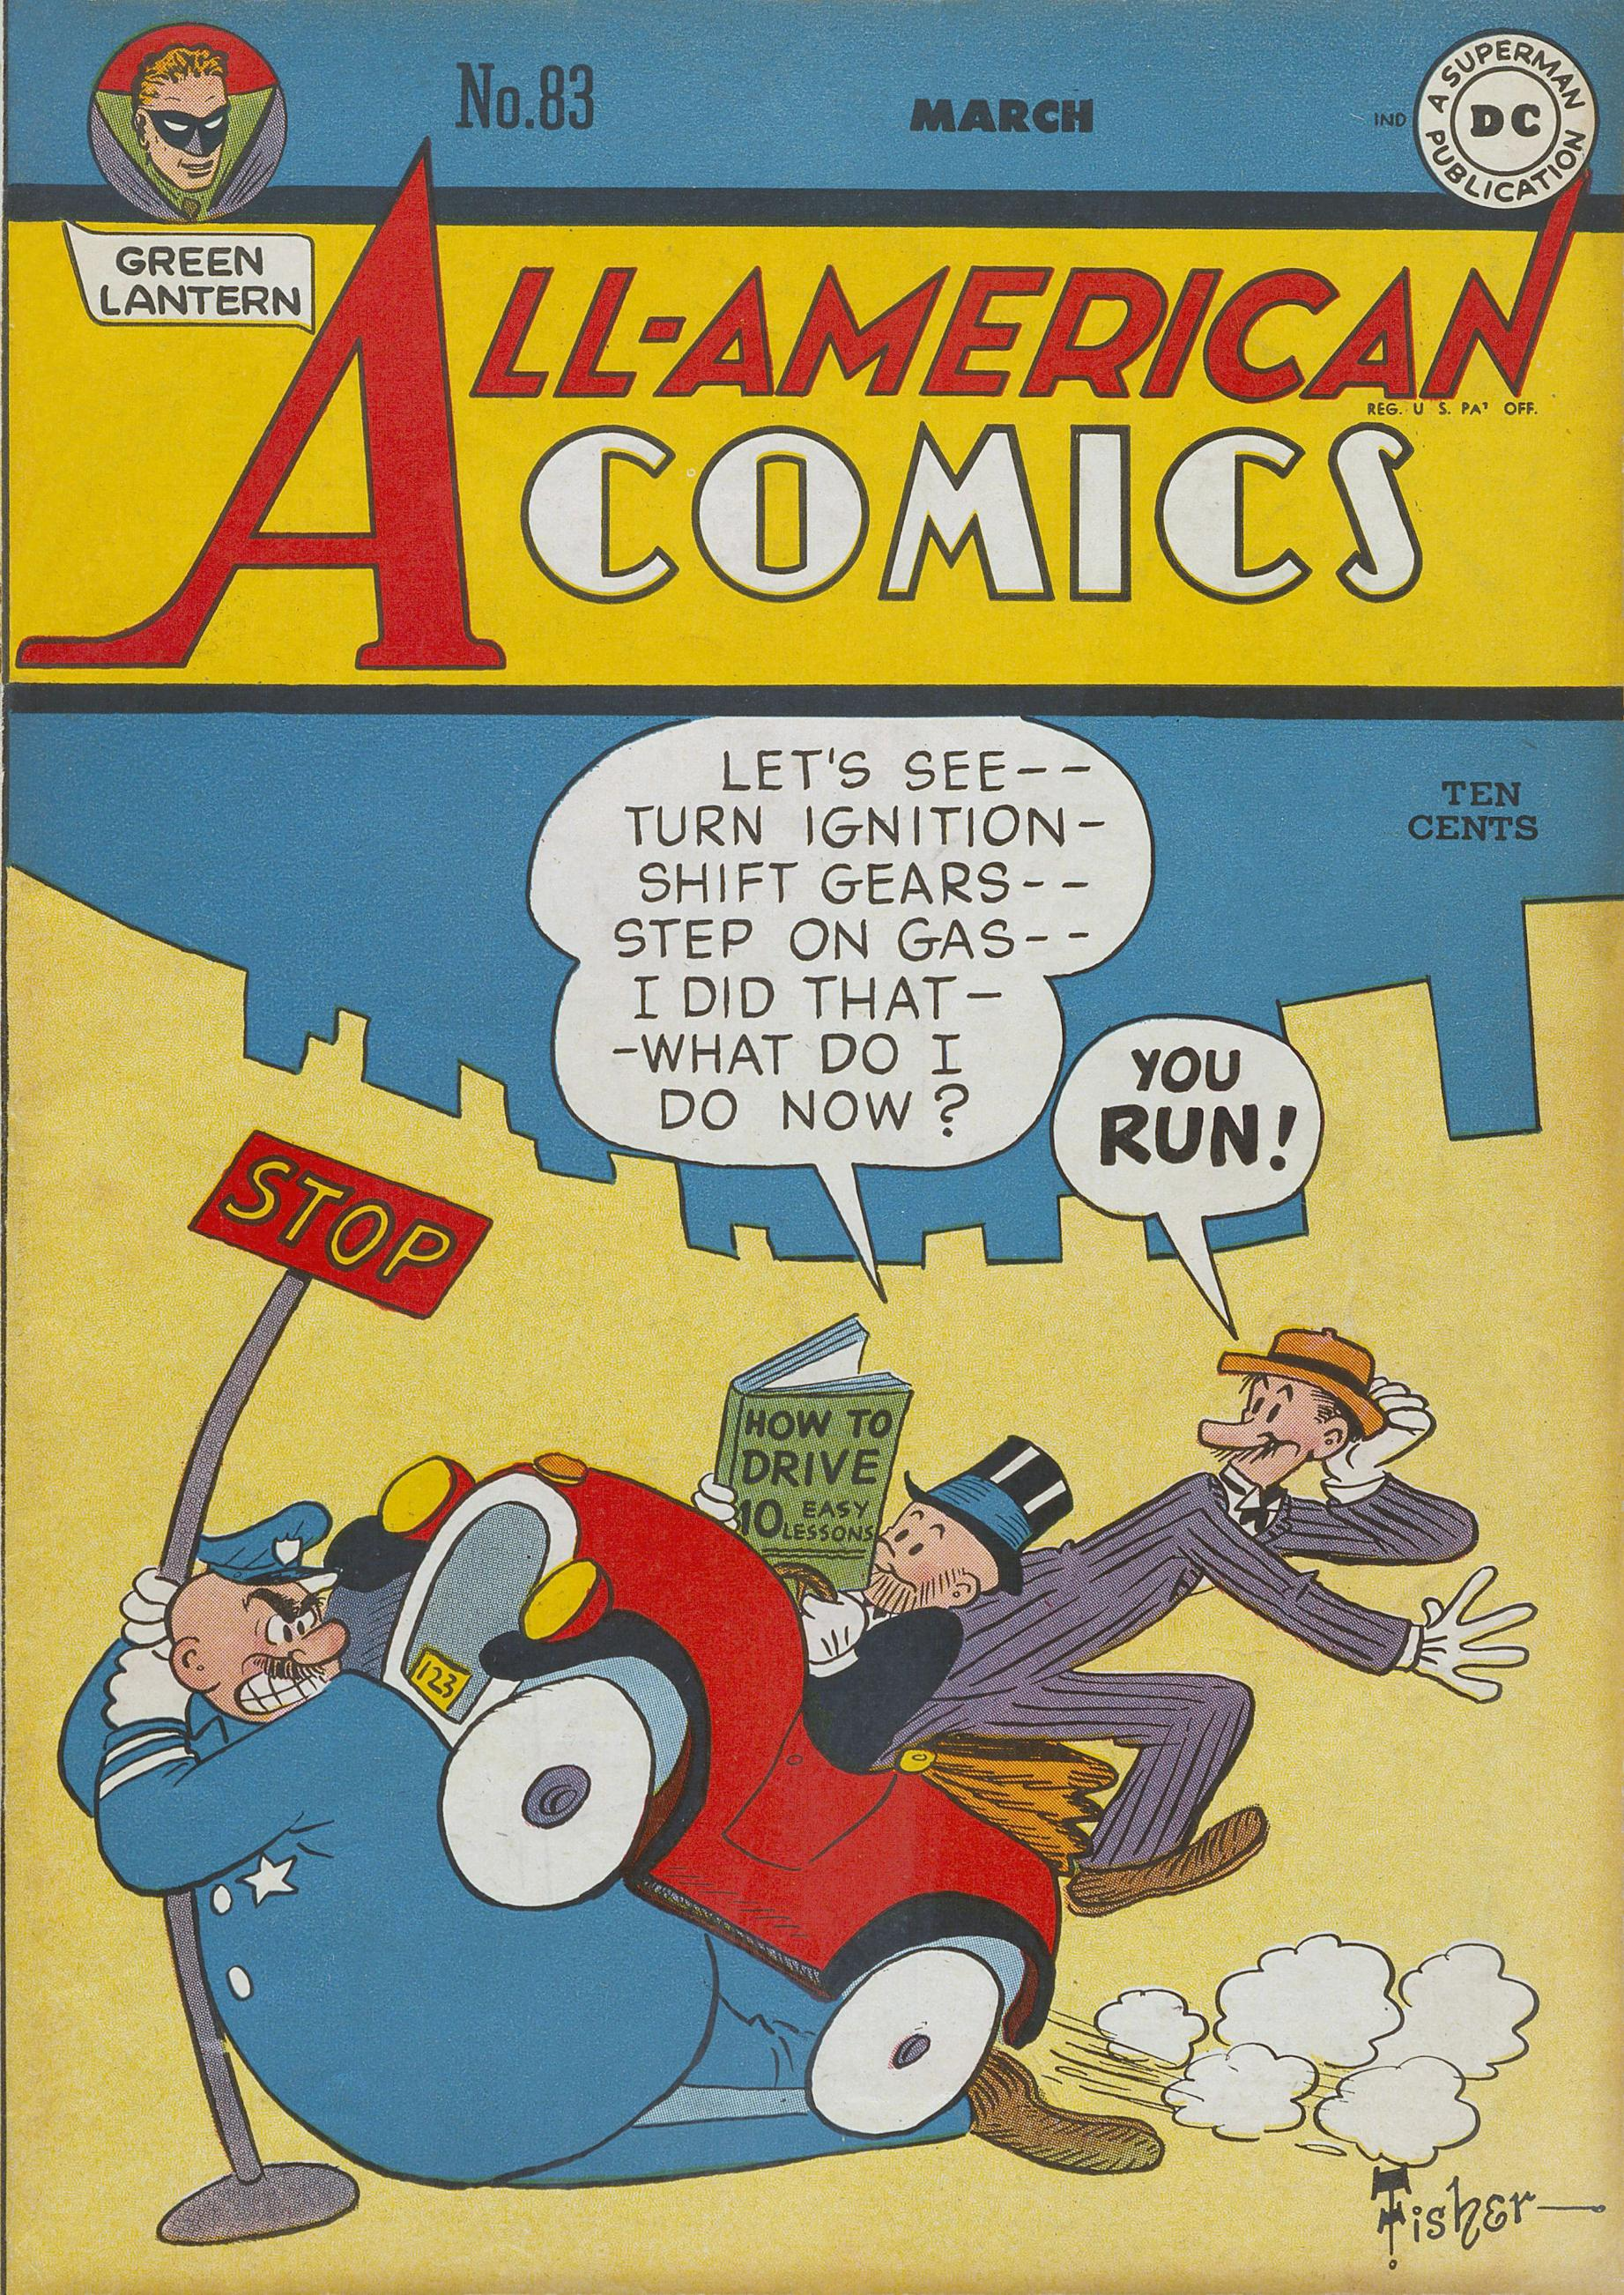 All-American Comics 083 (DC) (1947-03)